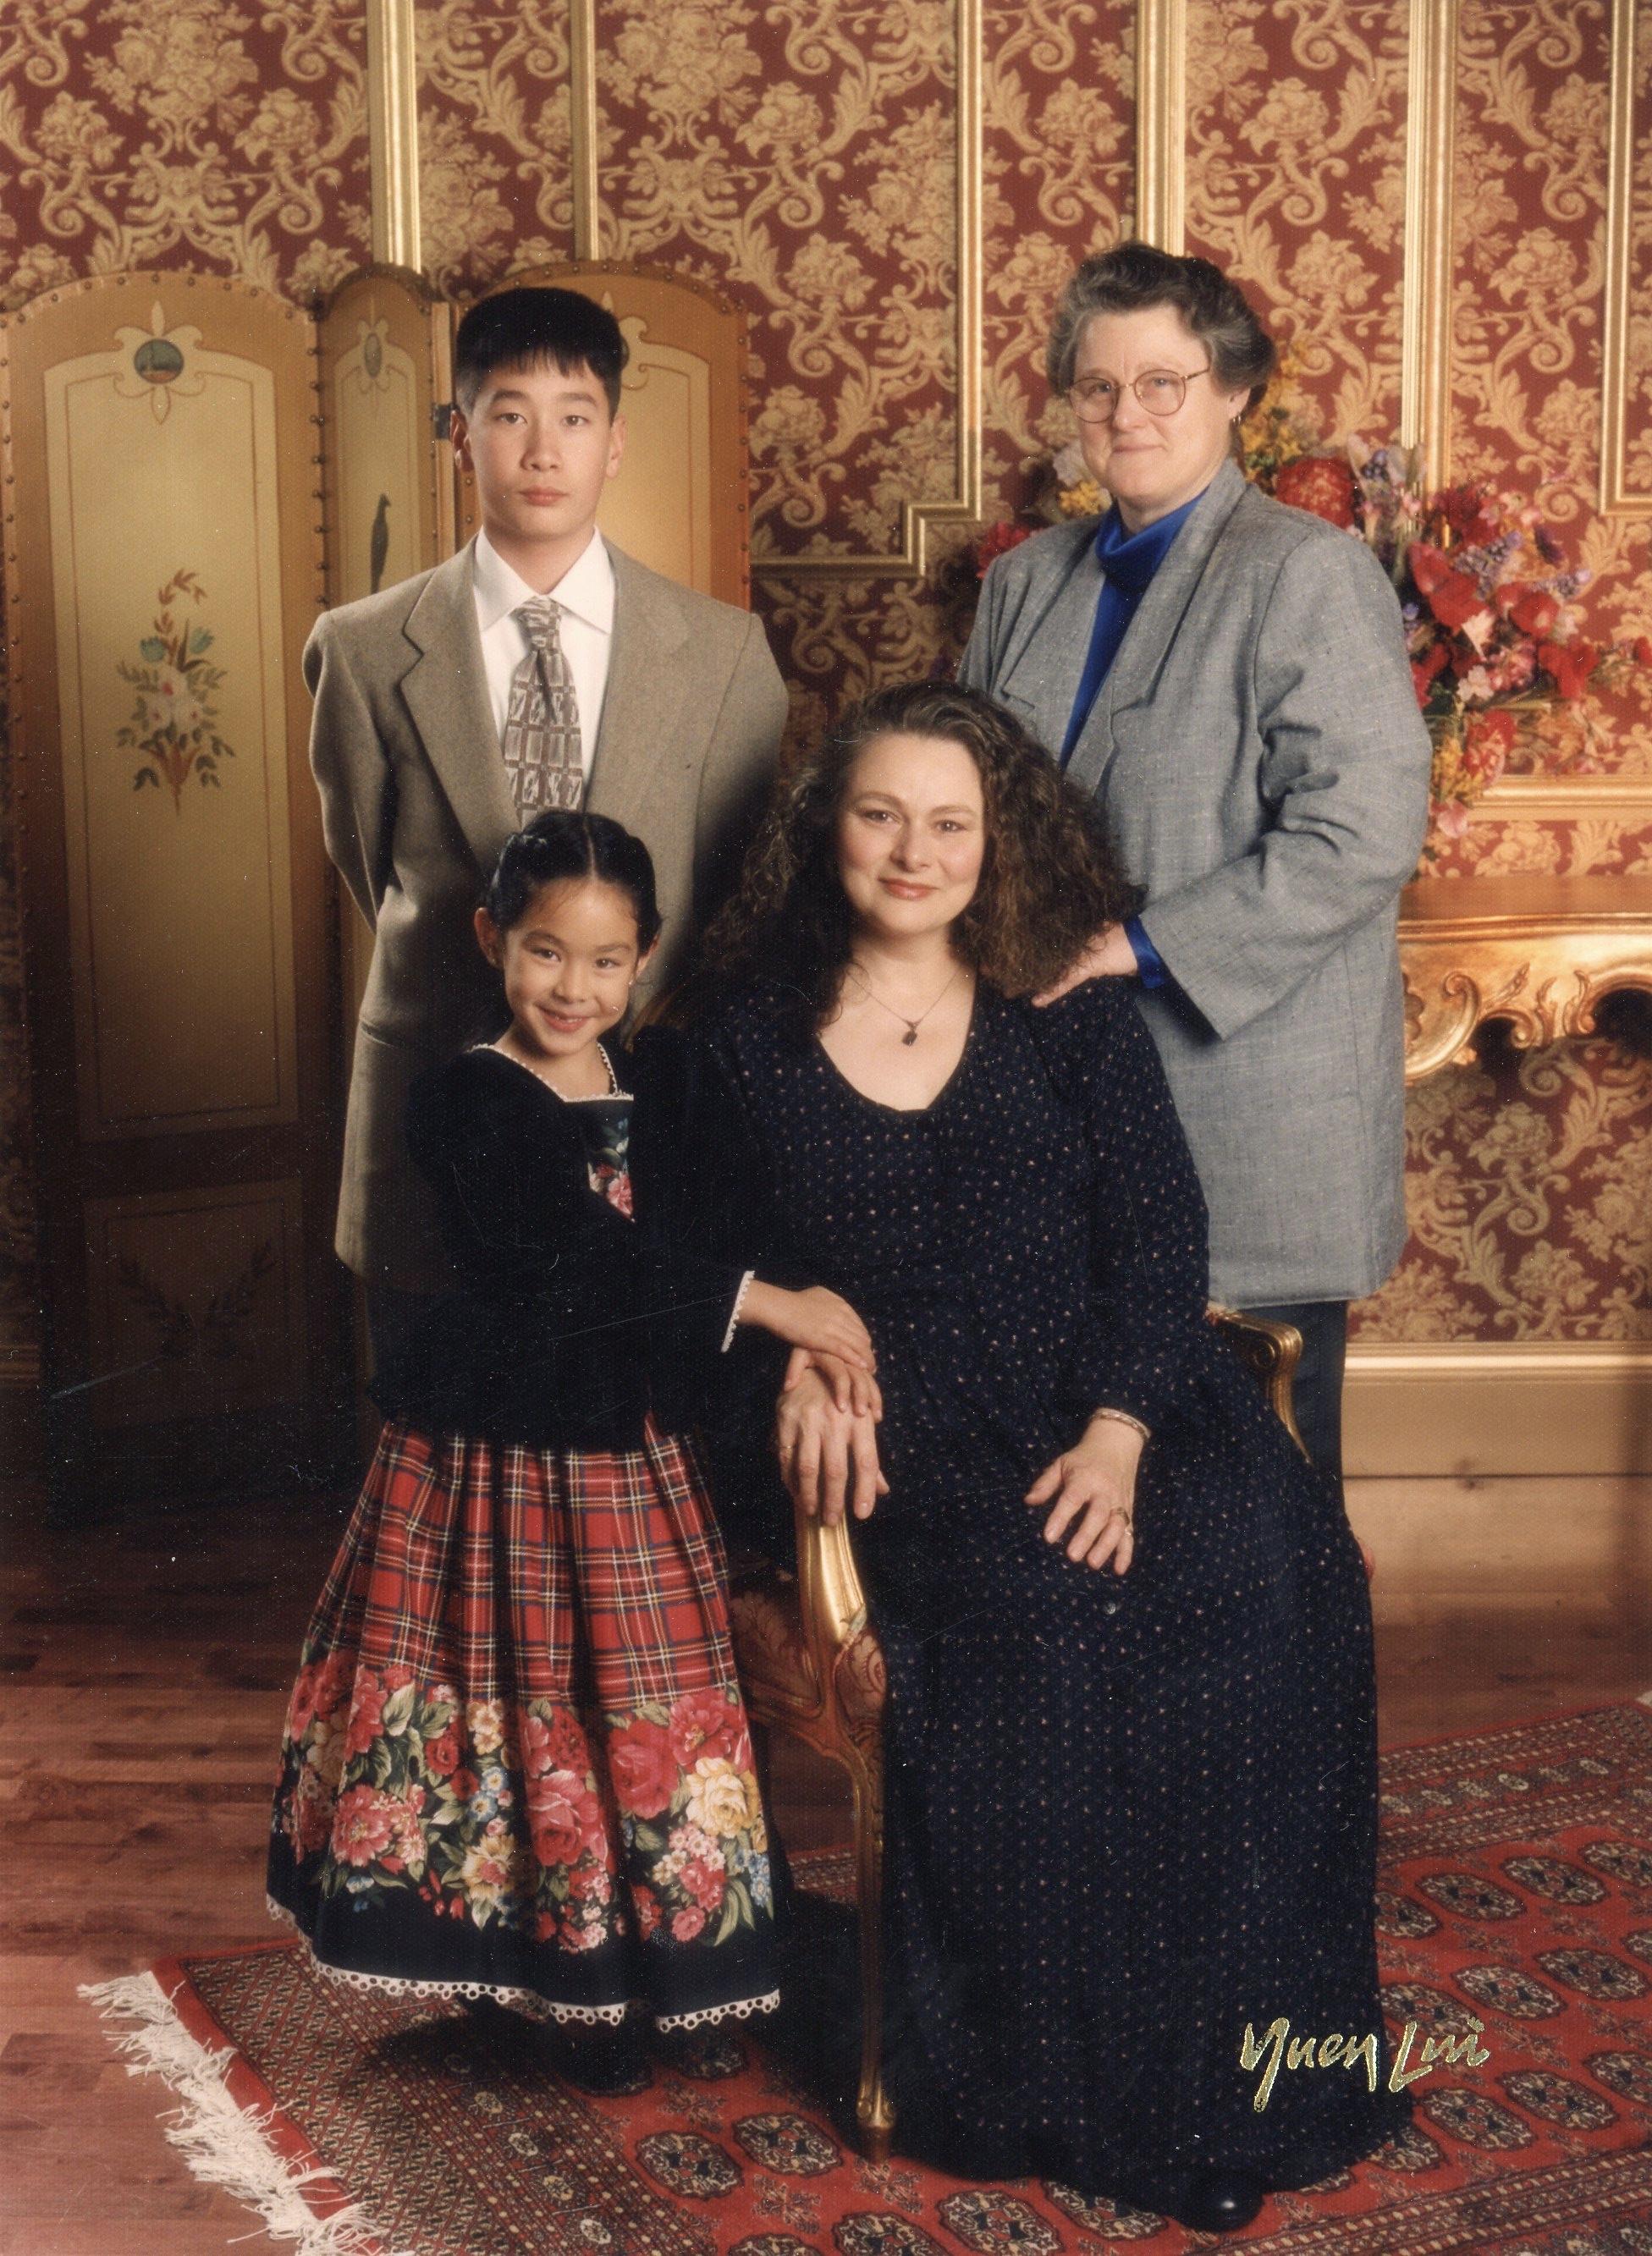 family-portrait.jpeg